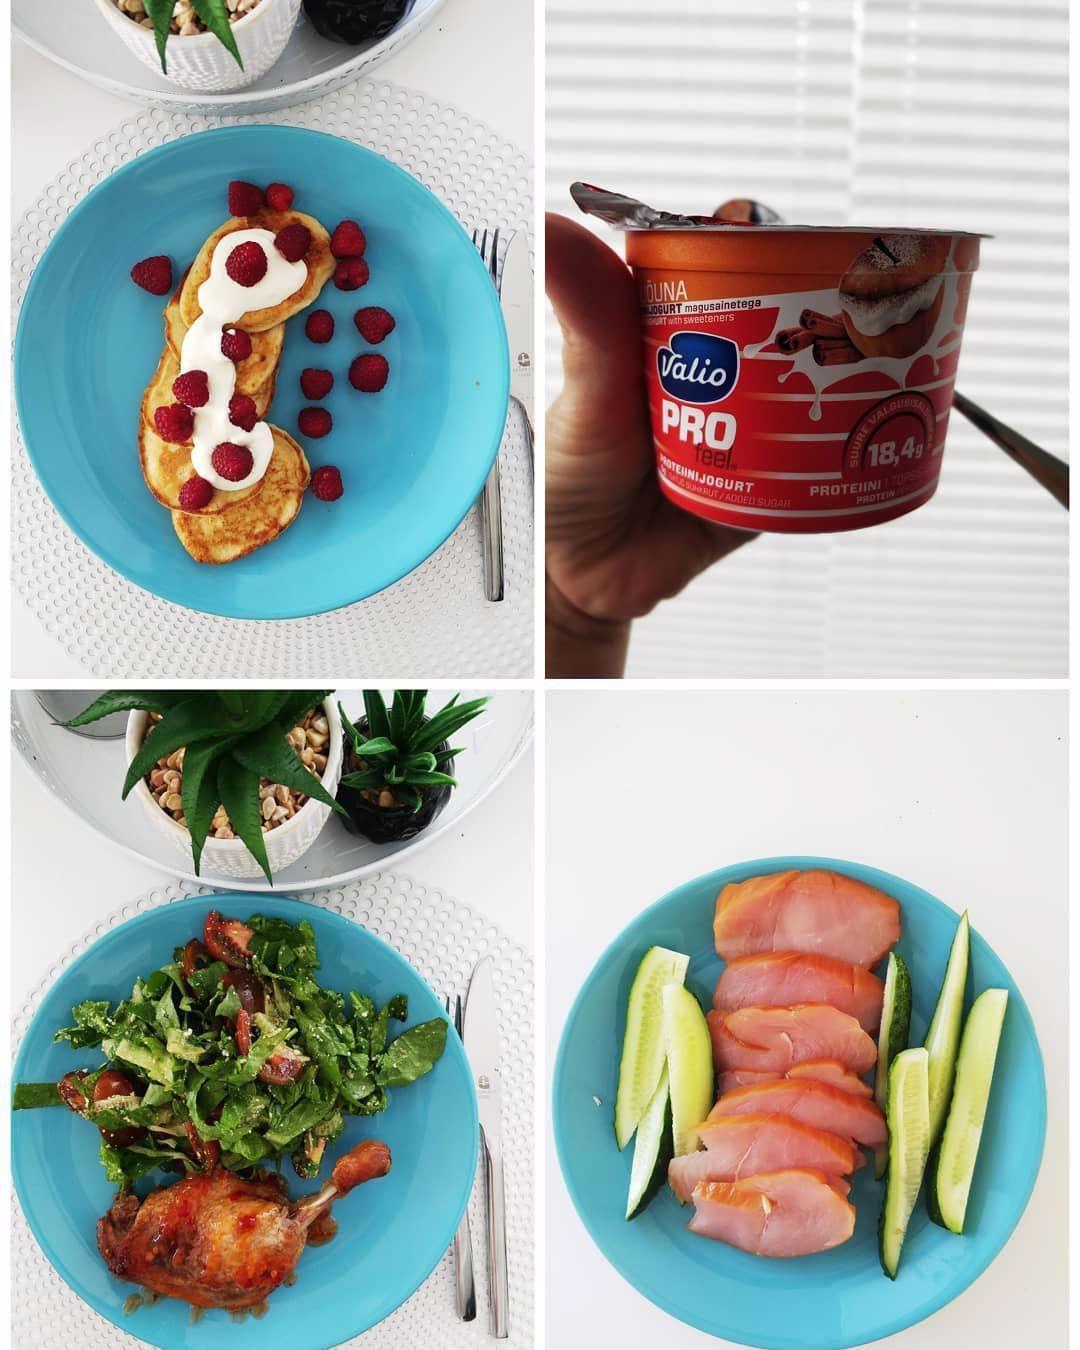 1. Pusryčiai: varškės blynai su nat. jogurtu ir uogom. 2. Priešpiečiai: Proteino jogurtas 3. Pietūs: Anties šlaunelė su salotomis. 4. Rūkyta kalakutienos krūtinėlė, agurkai. #foodphotography #foodstagram #foodblogger #foodoftheday #food #instafood #breakfast #lunch #dinner #easyandhealthy #myfoodjourney #myfoodstory #myfooddiary %